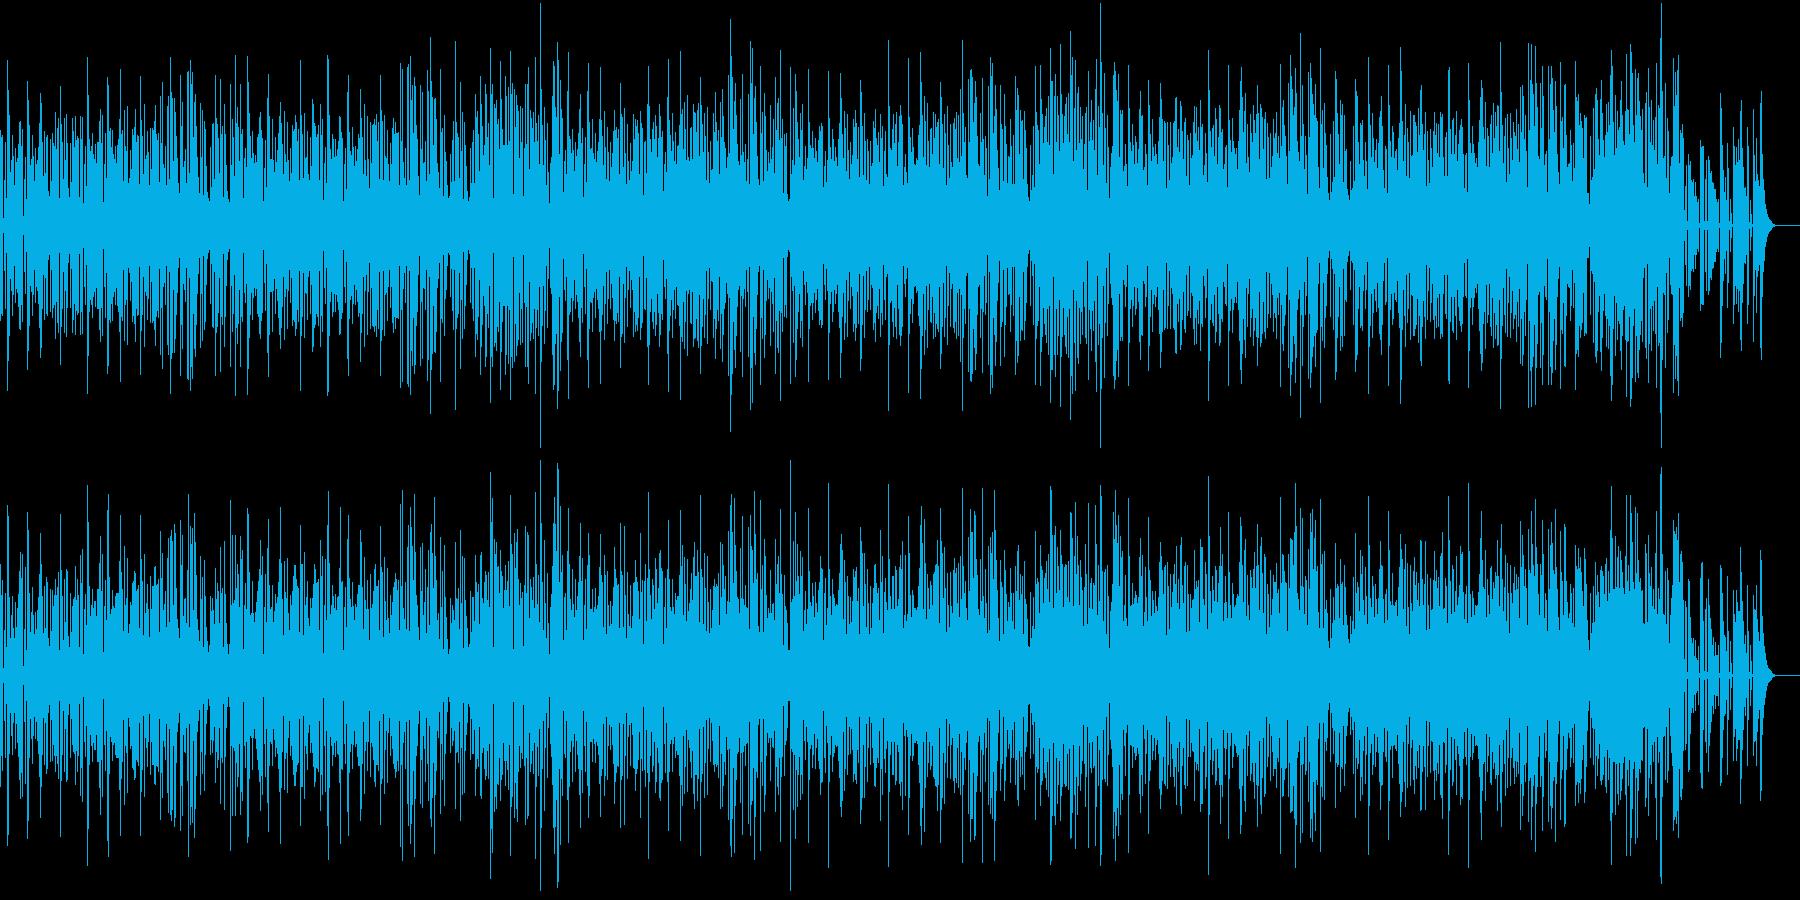 リズミカルで賑やかなジャズの再生済みの波形